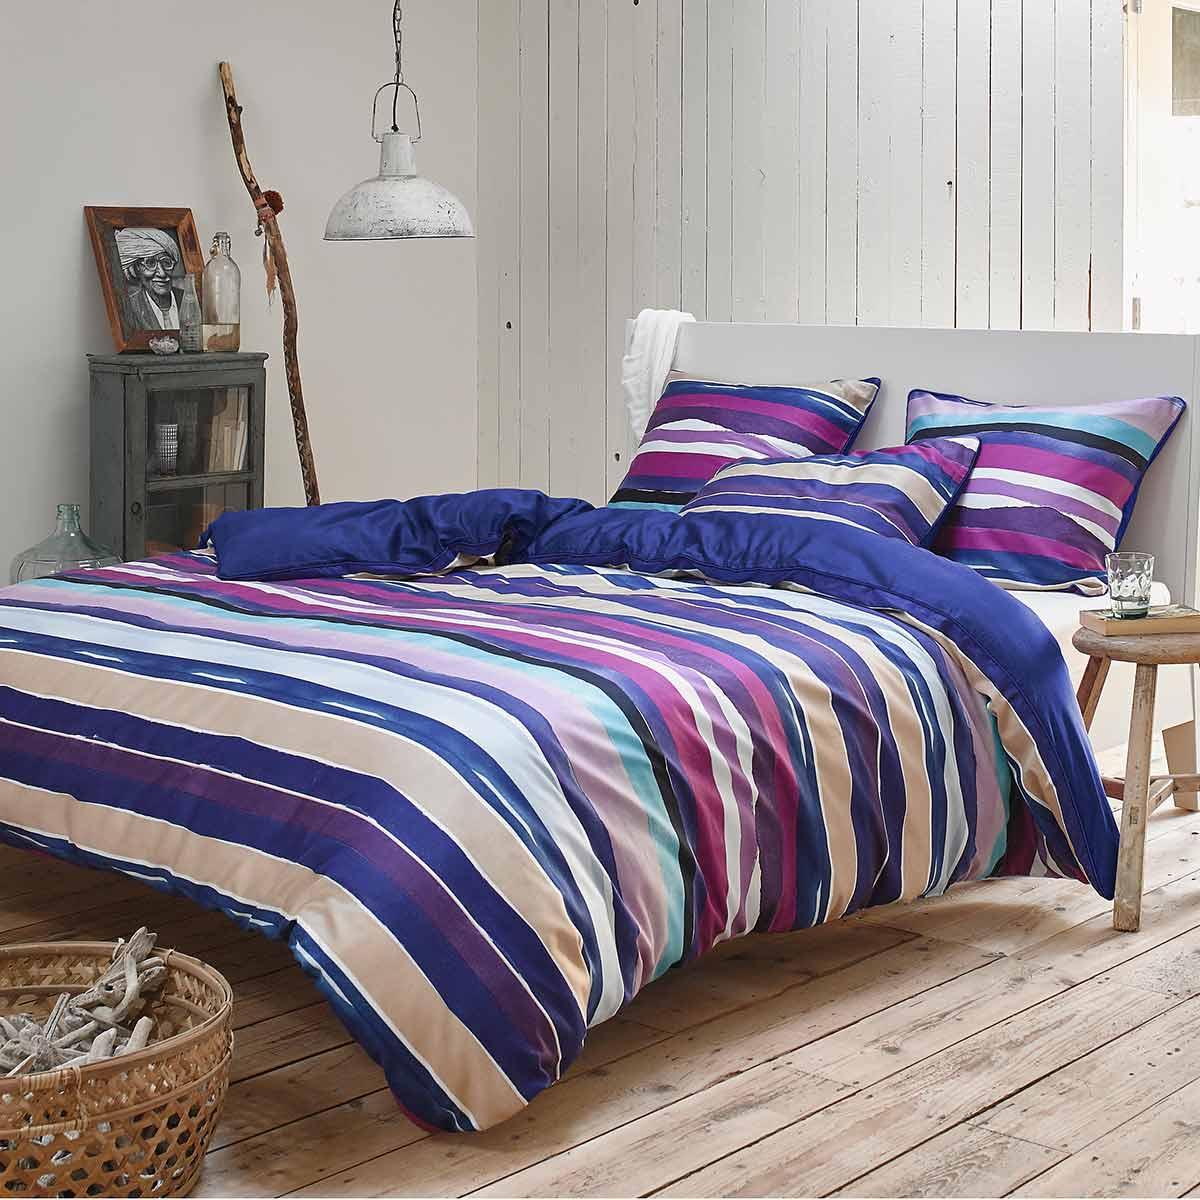 recherche l 200 du guide et comparateur d 39 achat. Black Bedroom Furniture Sets. Home Design Ideas